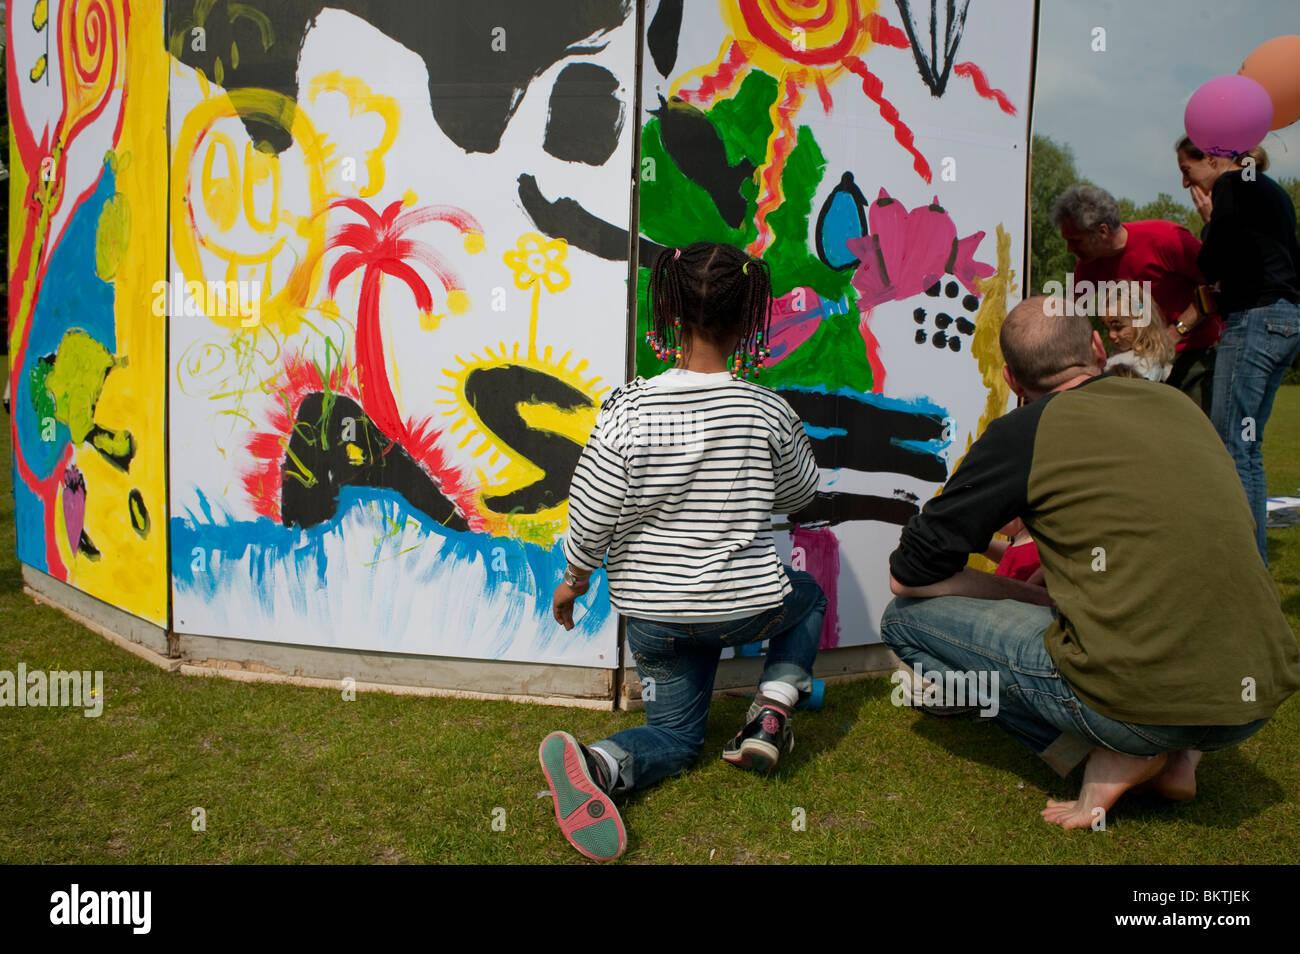 Familien in der Feier der Welt 'Fair Trade'-Tag, mit Kindern Gemälde an der Wand, auf dem Rasen von Stockbild